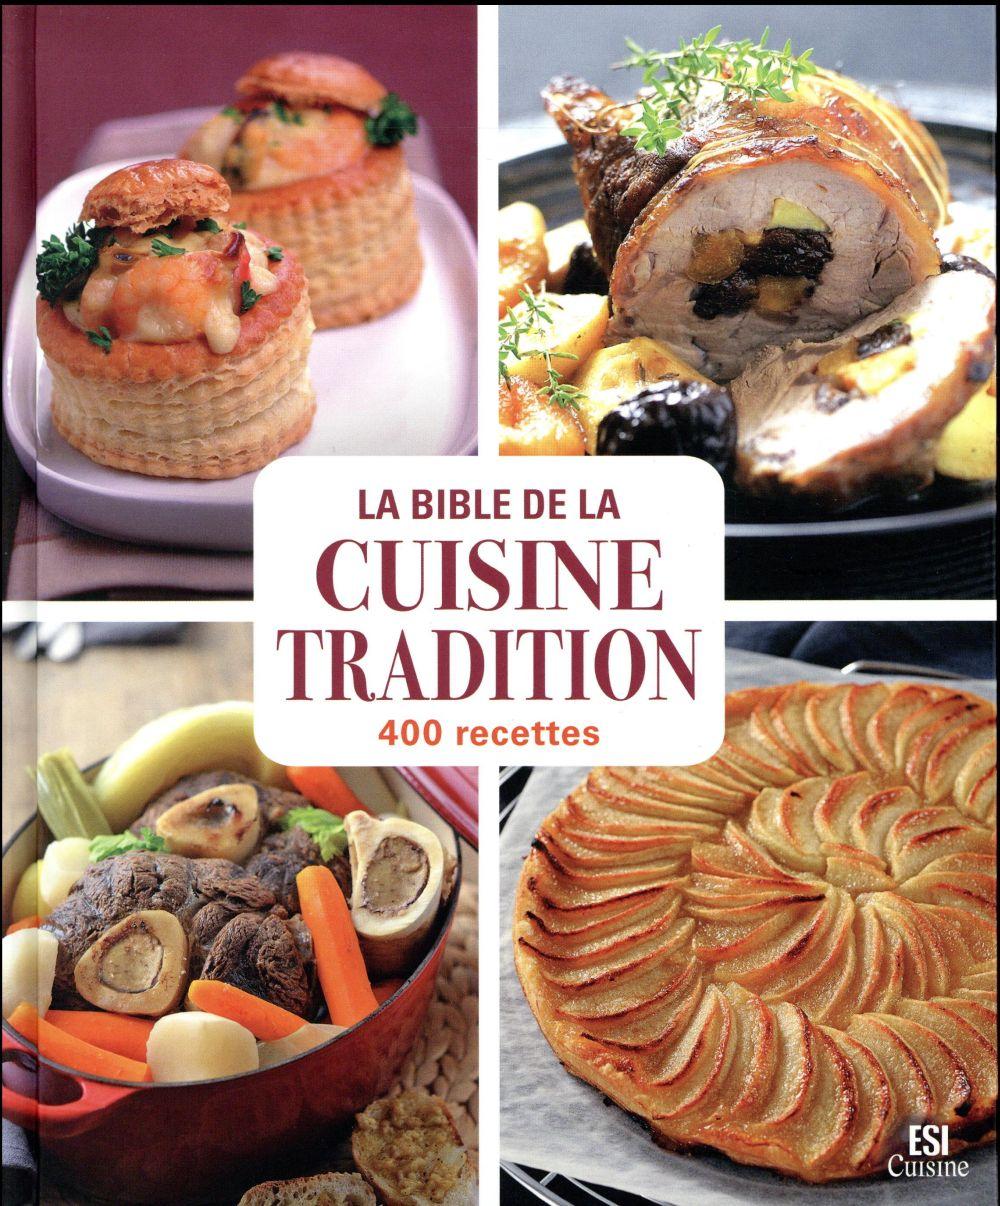 La bible de la cuisine tradition en 400 recettes